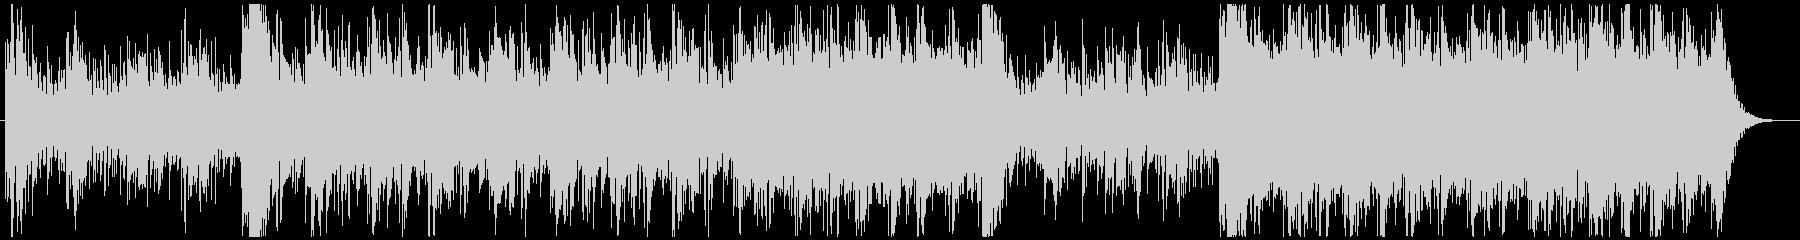 エネルギッシュなトレーニングBGMの未再生の波形